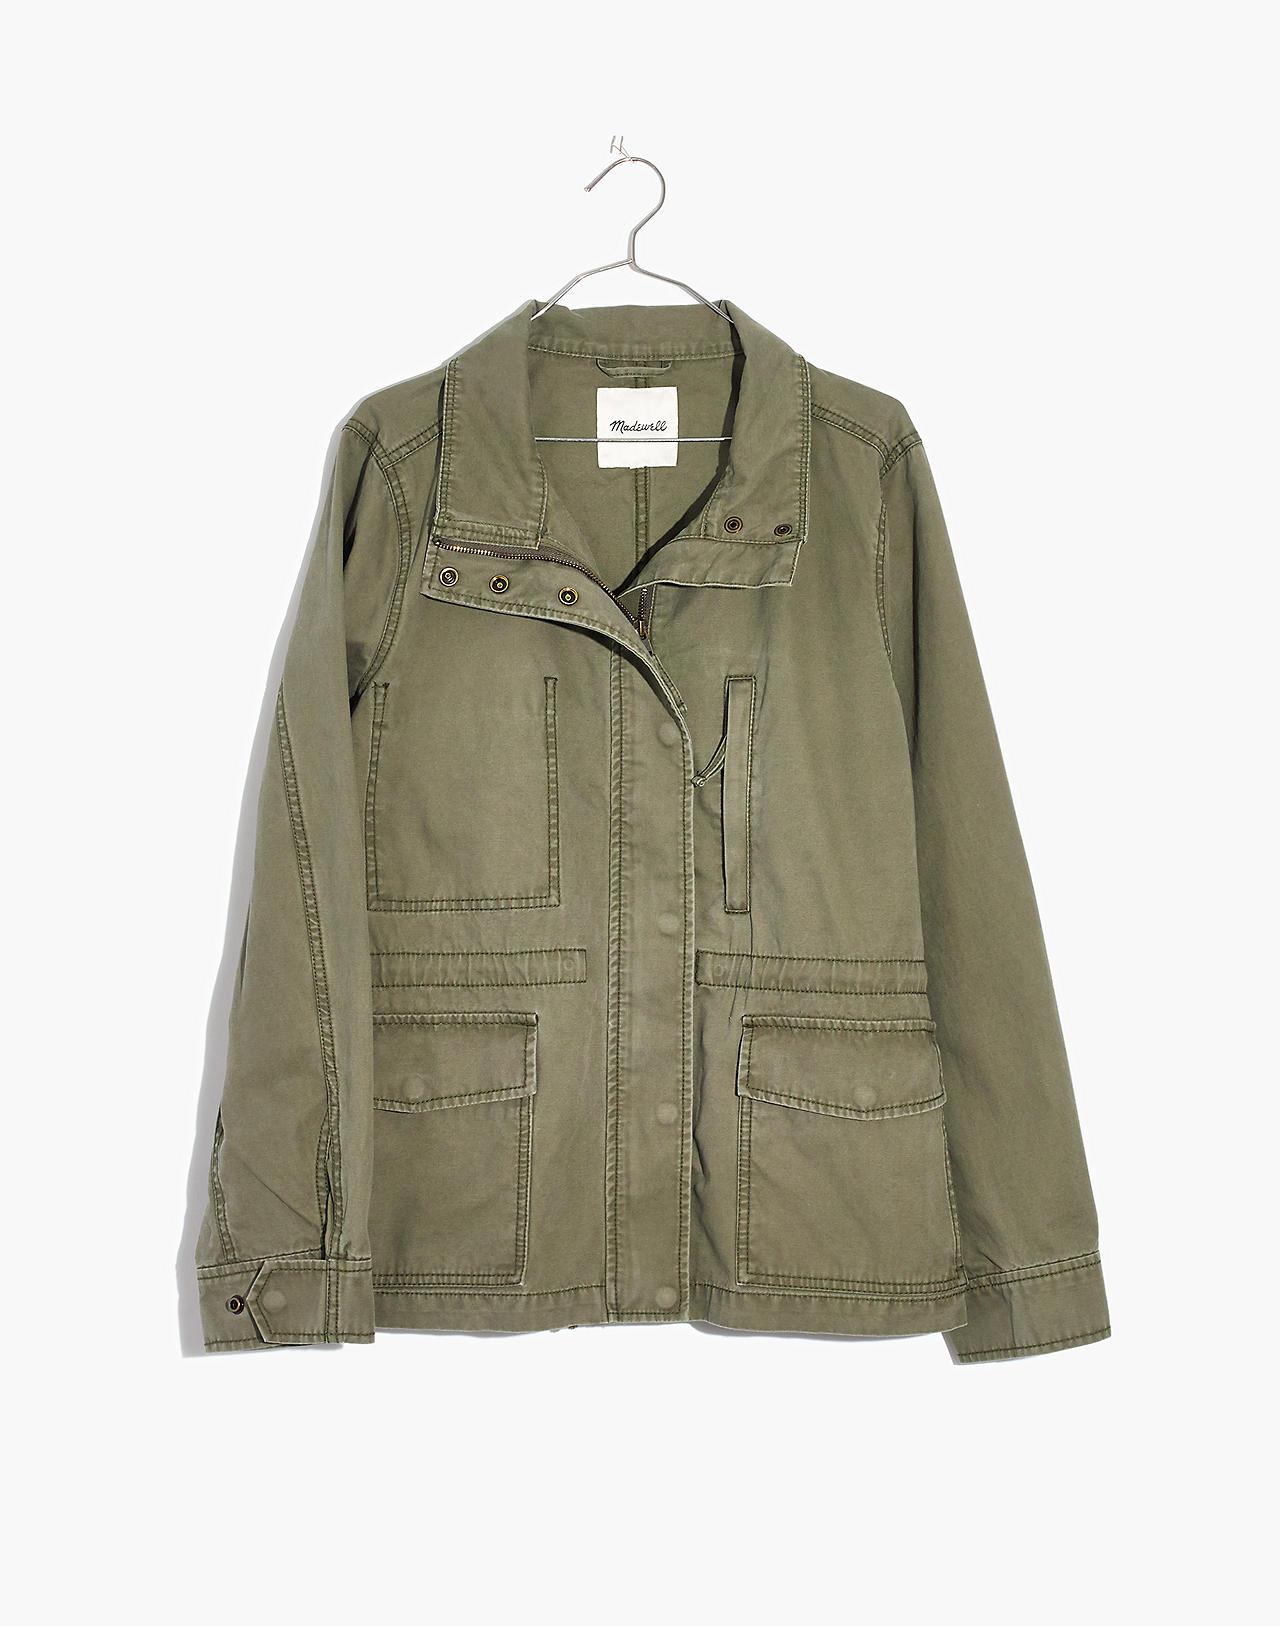 madewell jacket.jpg